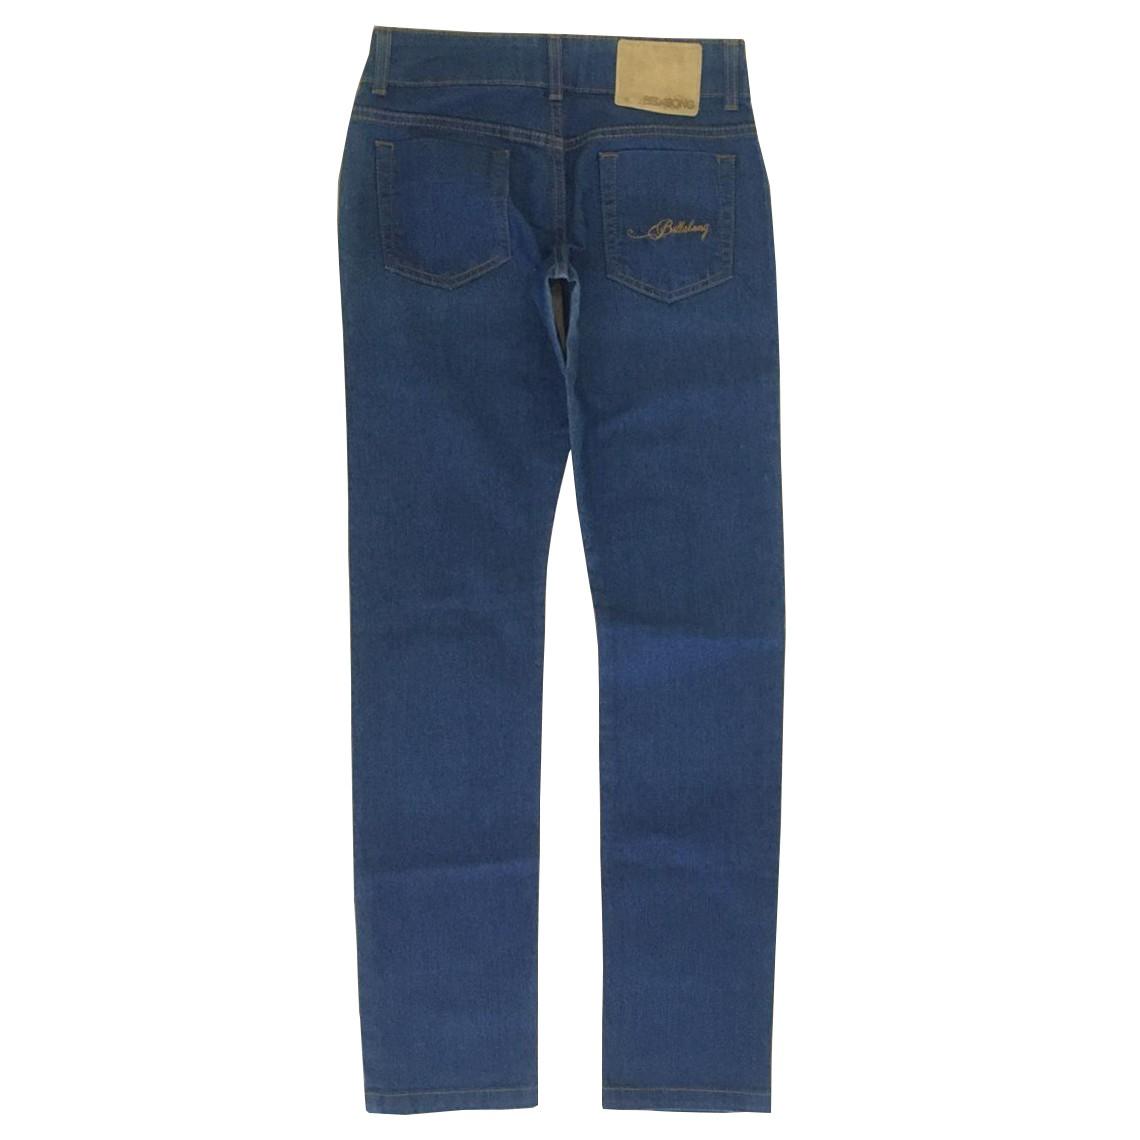 Calça Jeans Billabong Pack Cherr Juvenil